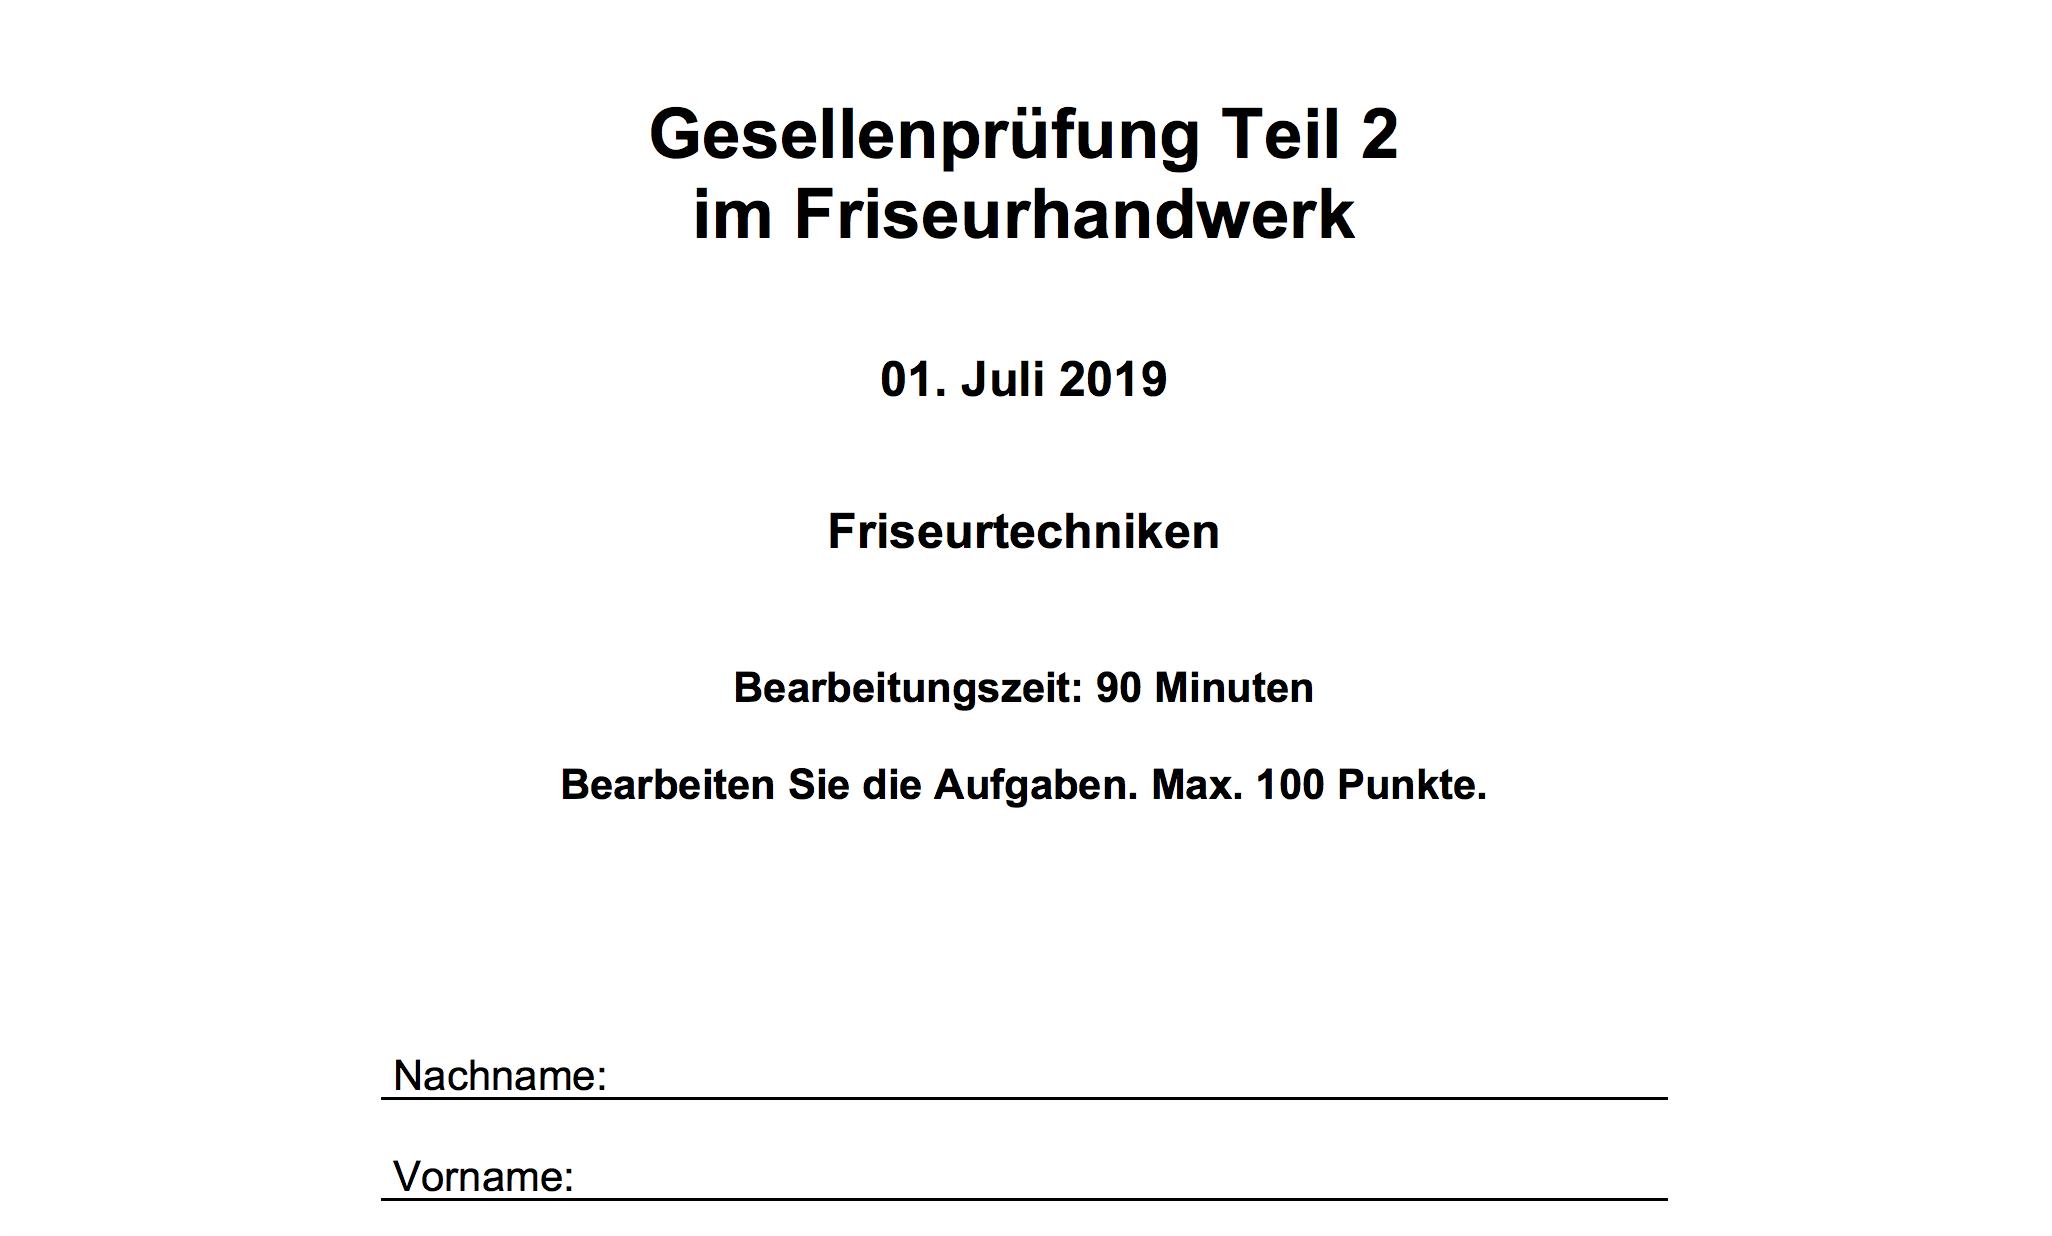 Gesellenprufung Landesinnungsverband Des Bayerischen Friseurhandwerks